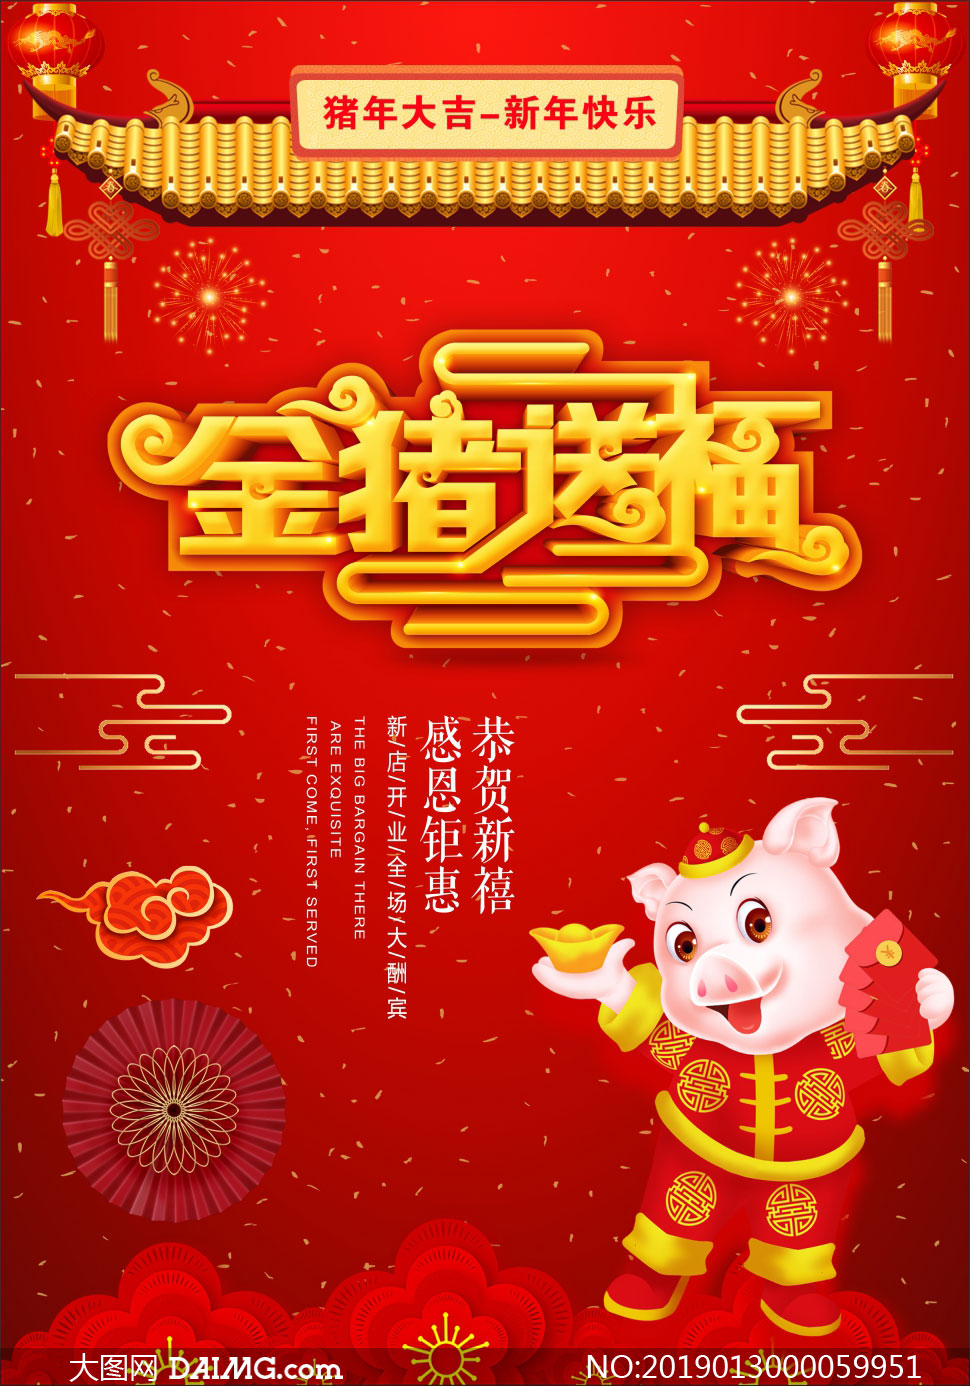 2019猪年送福海报设计矢量素材